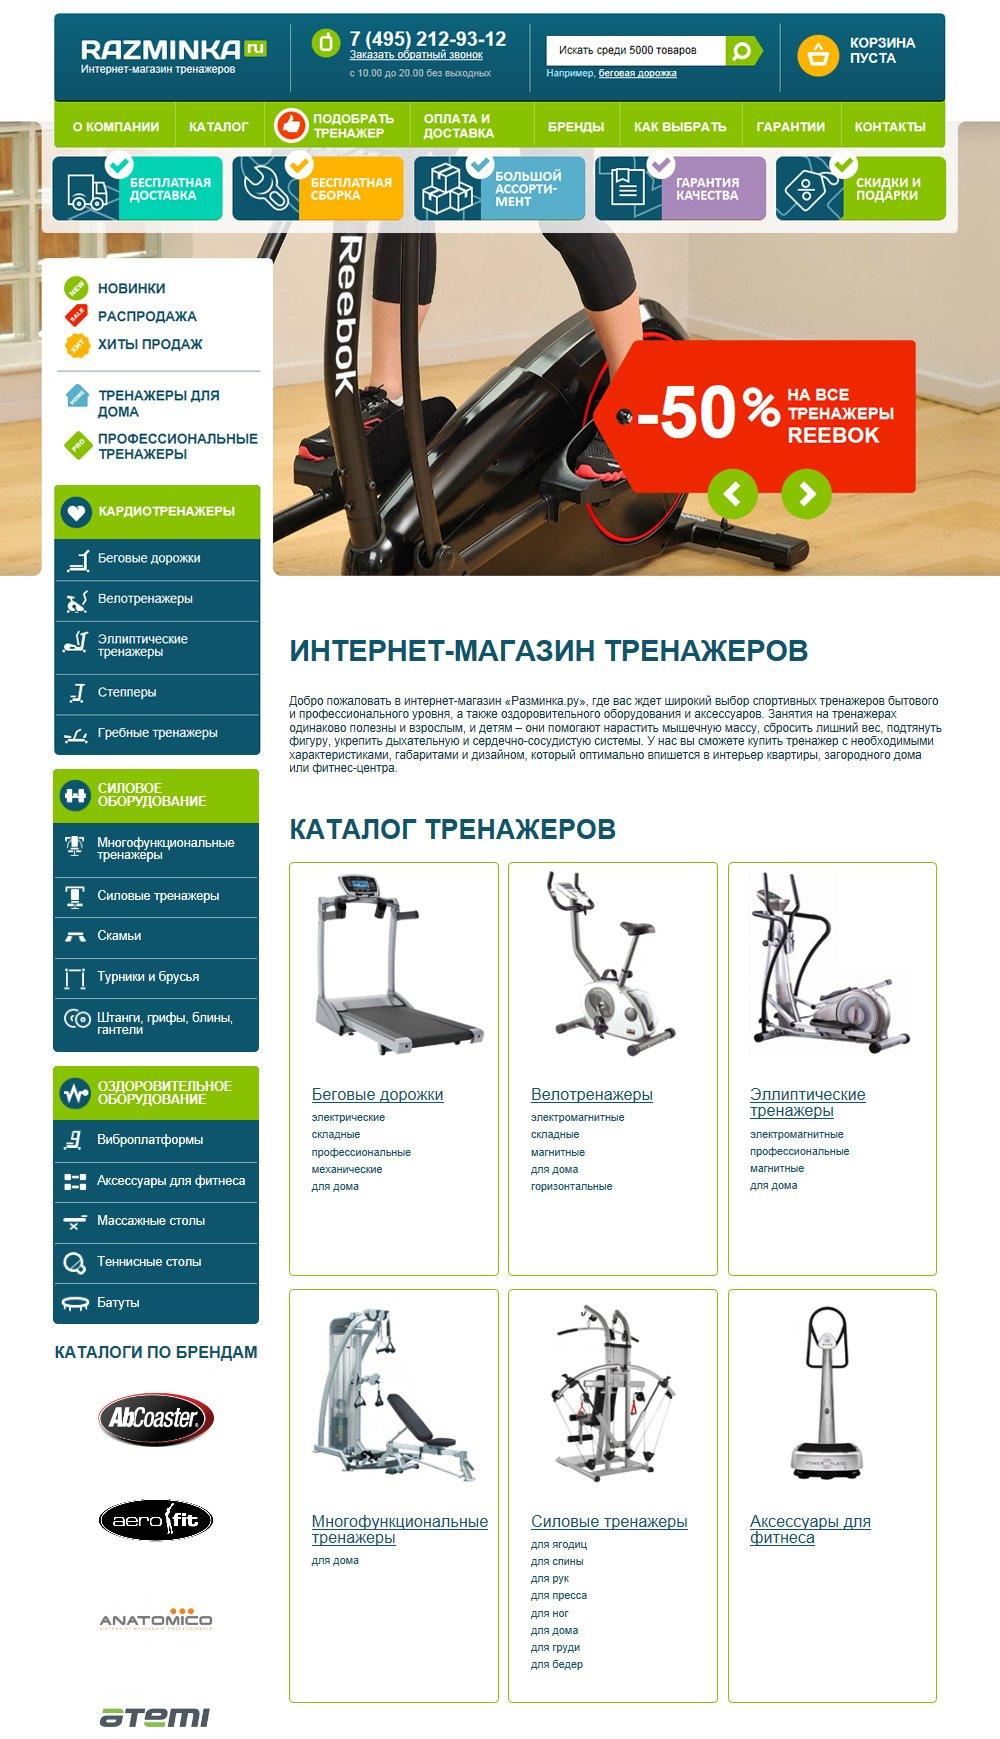 Главная страница интернет-магазина тренажеров Razminka.ru